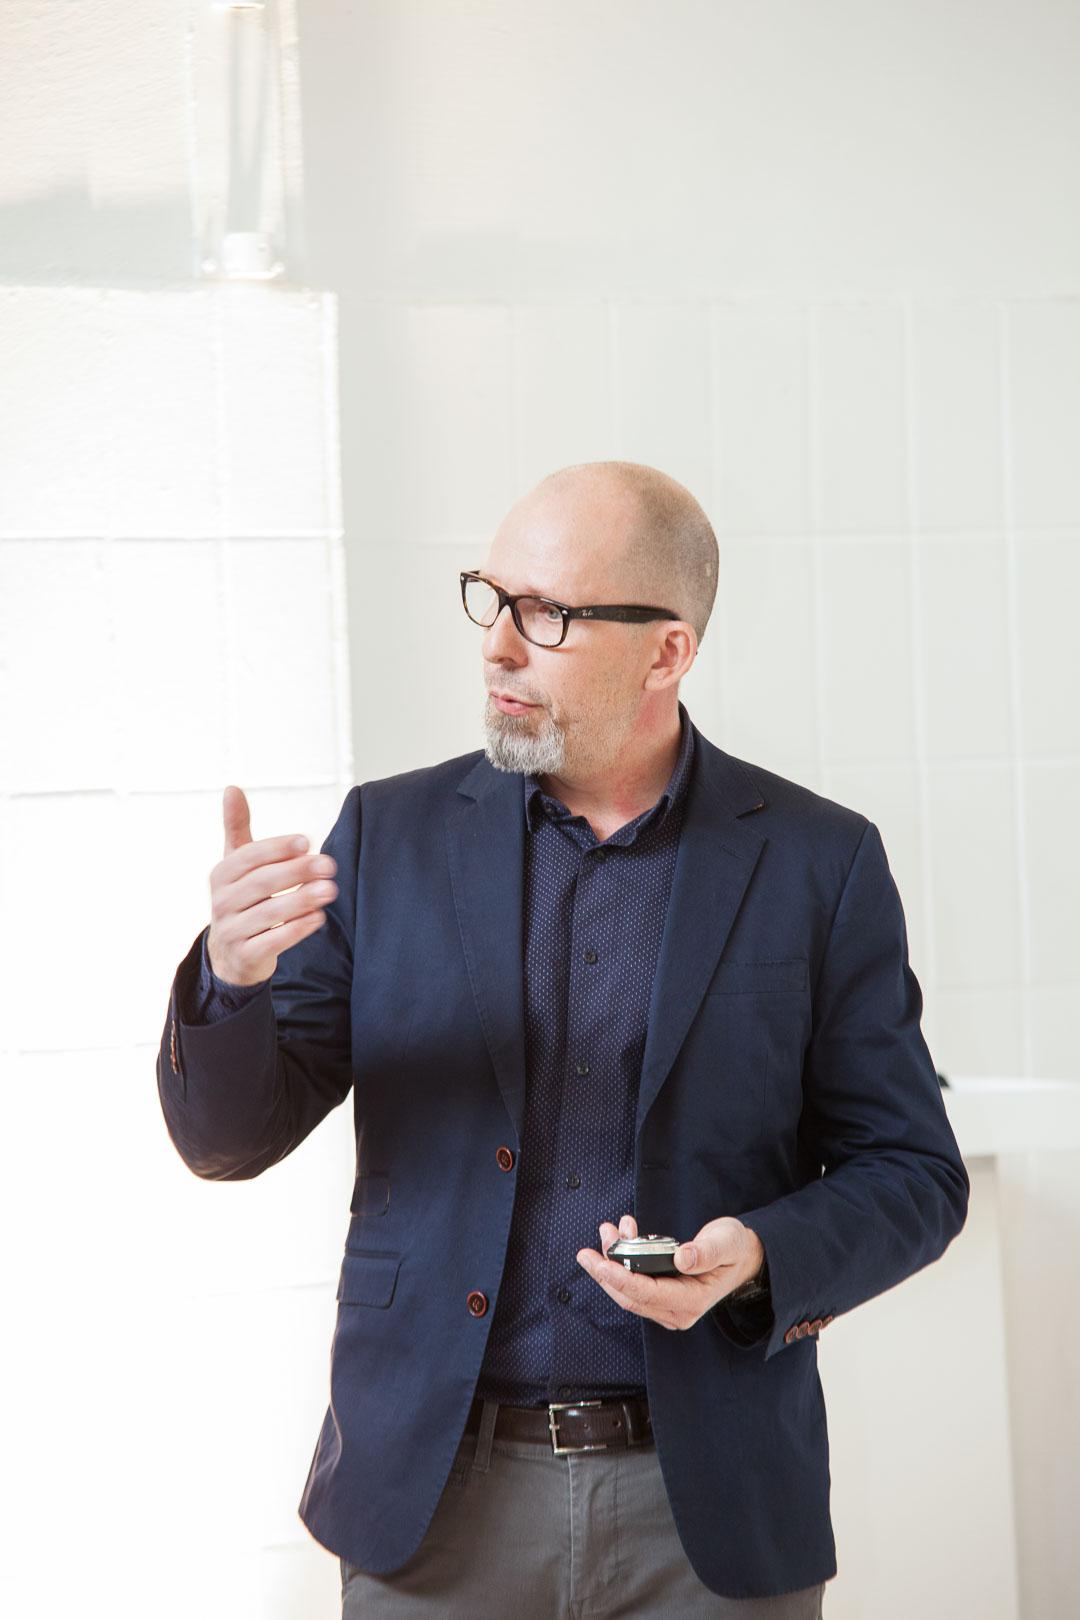 Jens Sieber